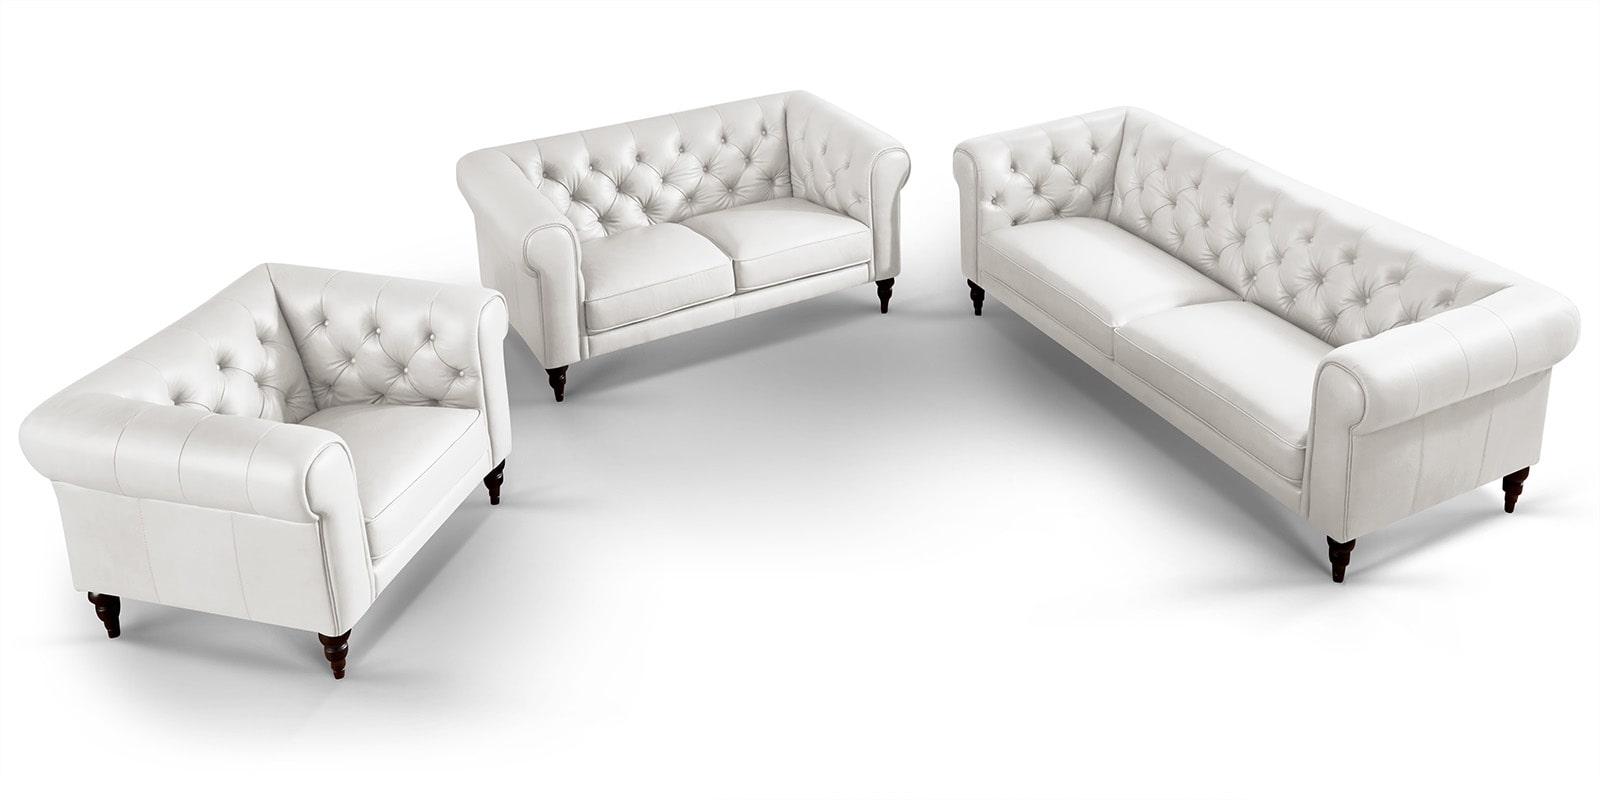 Full Size of 3 2 1 Couchgarnitur Chesterfield Sofa Set Aus Echtem Leder Hudson Günstige Betten 140x200 Bett 180x200 Mit Lattenrost Und Matratze Bettkasten Sitzer Rundes Sofa Sofa 3 2 1 Sitzer